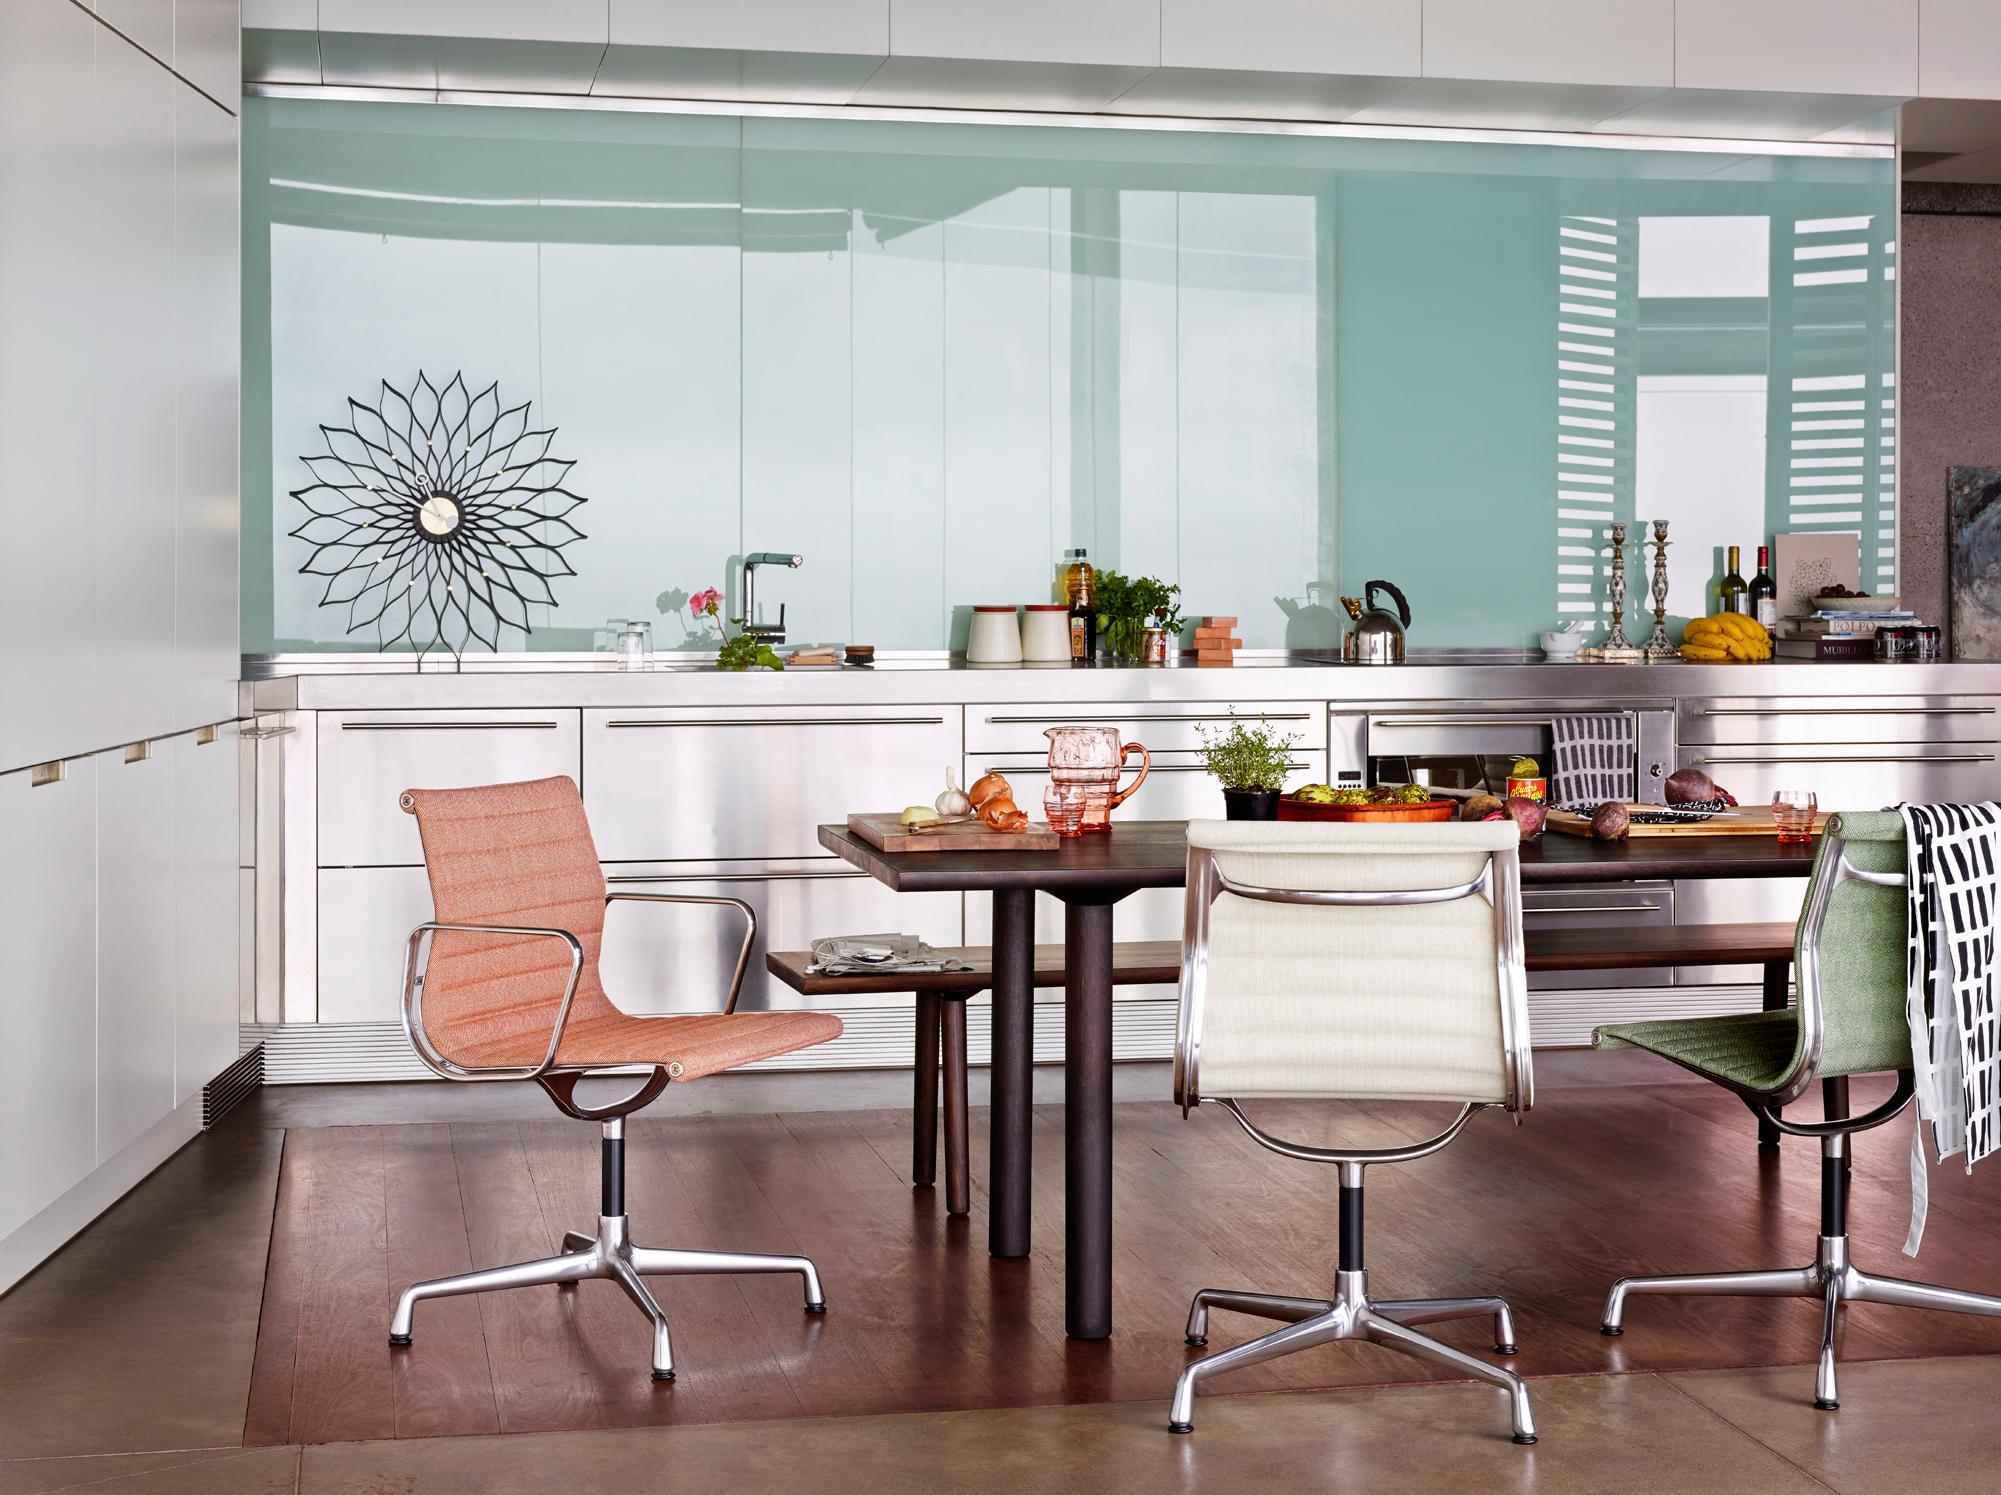 Küche • Bilder & Ideen • COUCHstyle | {Küchenblock mit sitzbank 31}